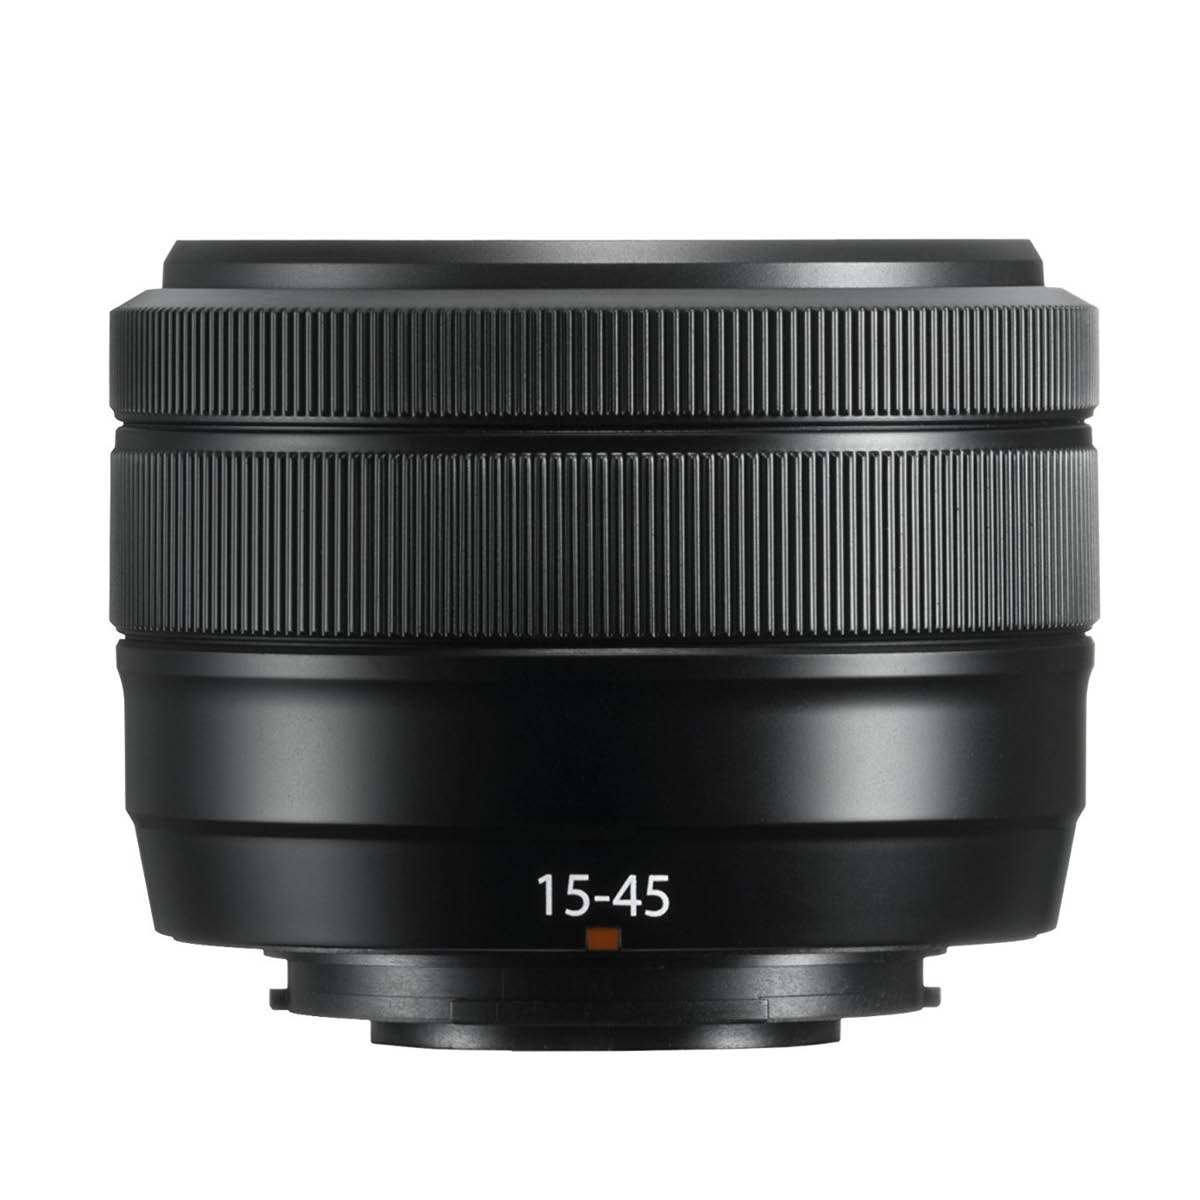 Fujifilm XC 15-45 mm 1:3,5-5,6 OIS PZ Schwarz